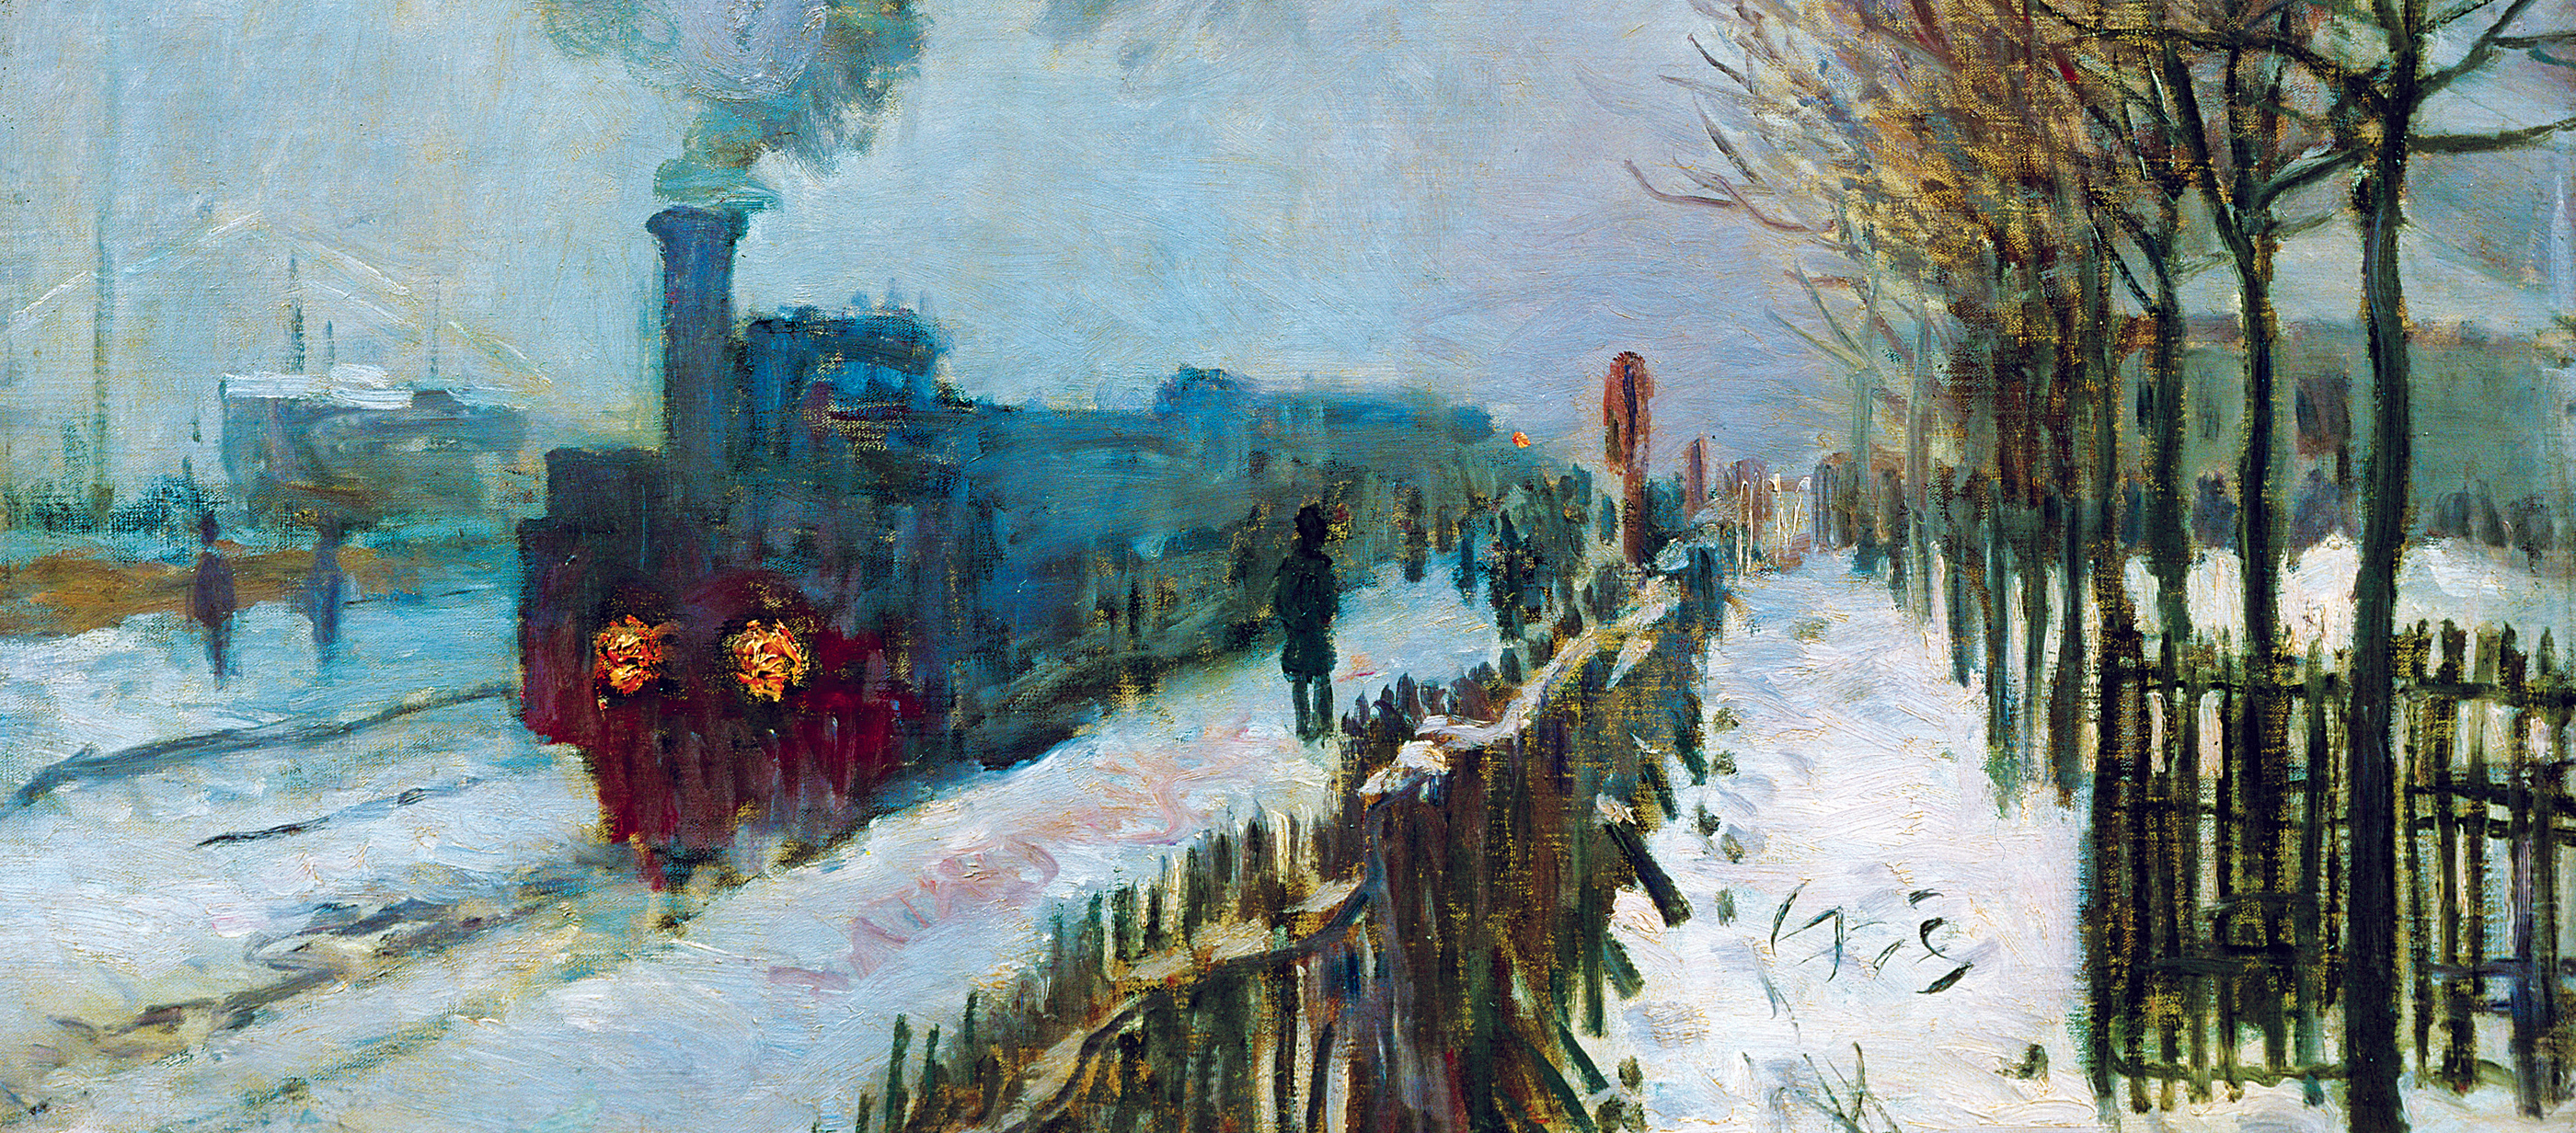 Train in the Snow, by Claude Monet, 1875. Musée Marmottan Monet, Paris, France.